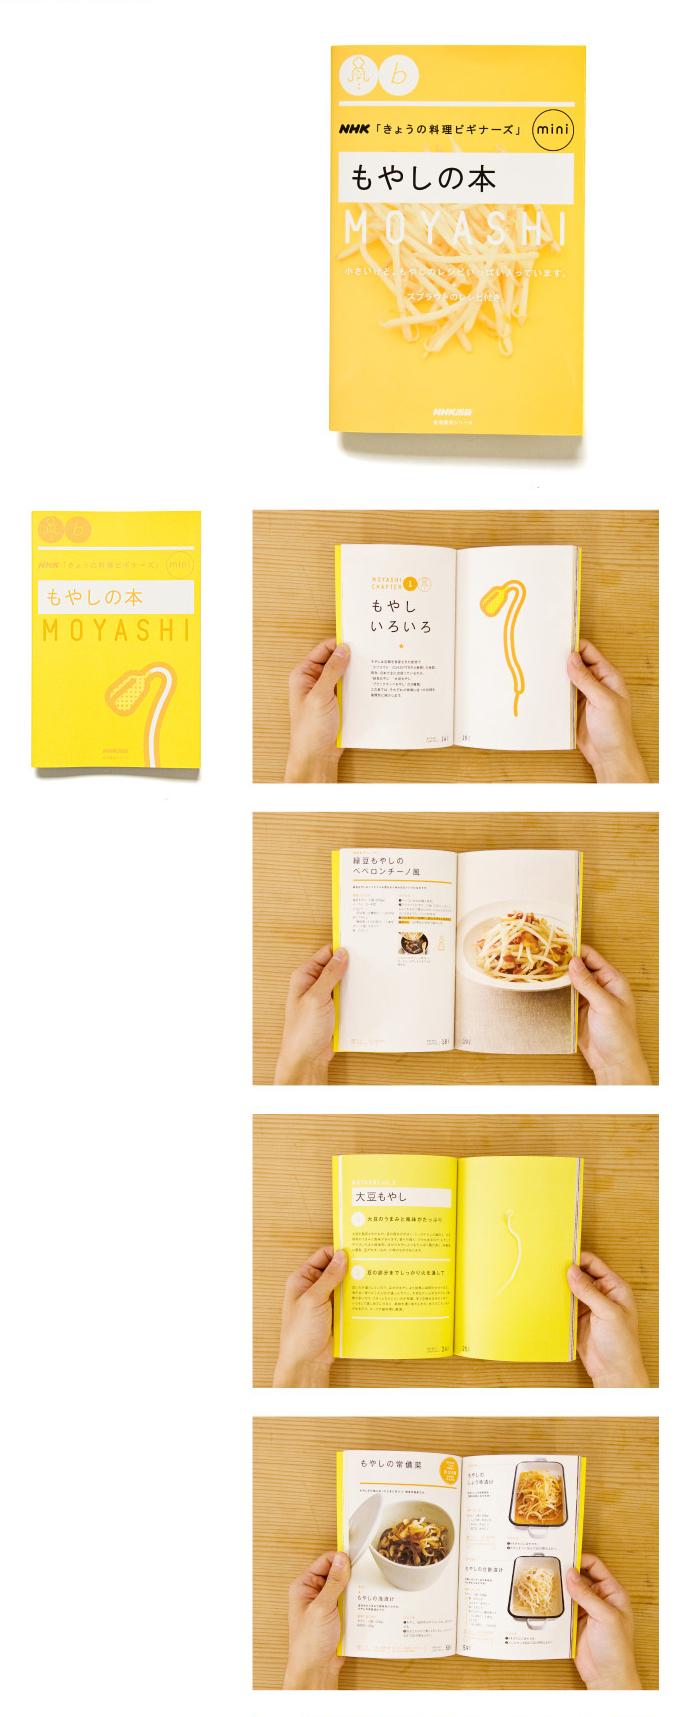 NHK「きょうの料理ビギナーズ」mini もやしの本